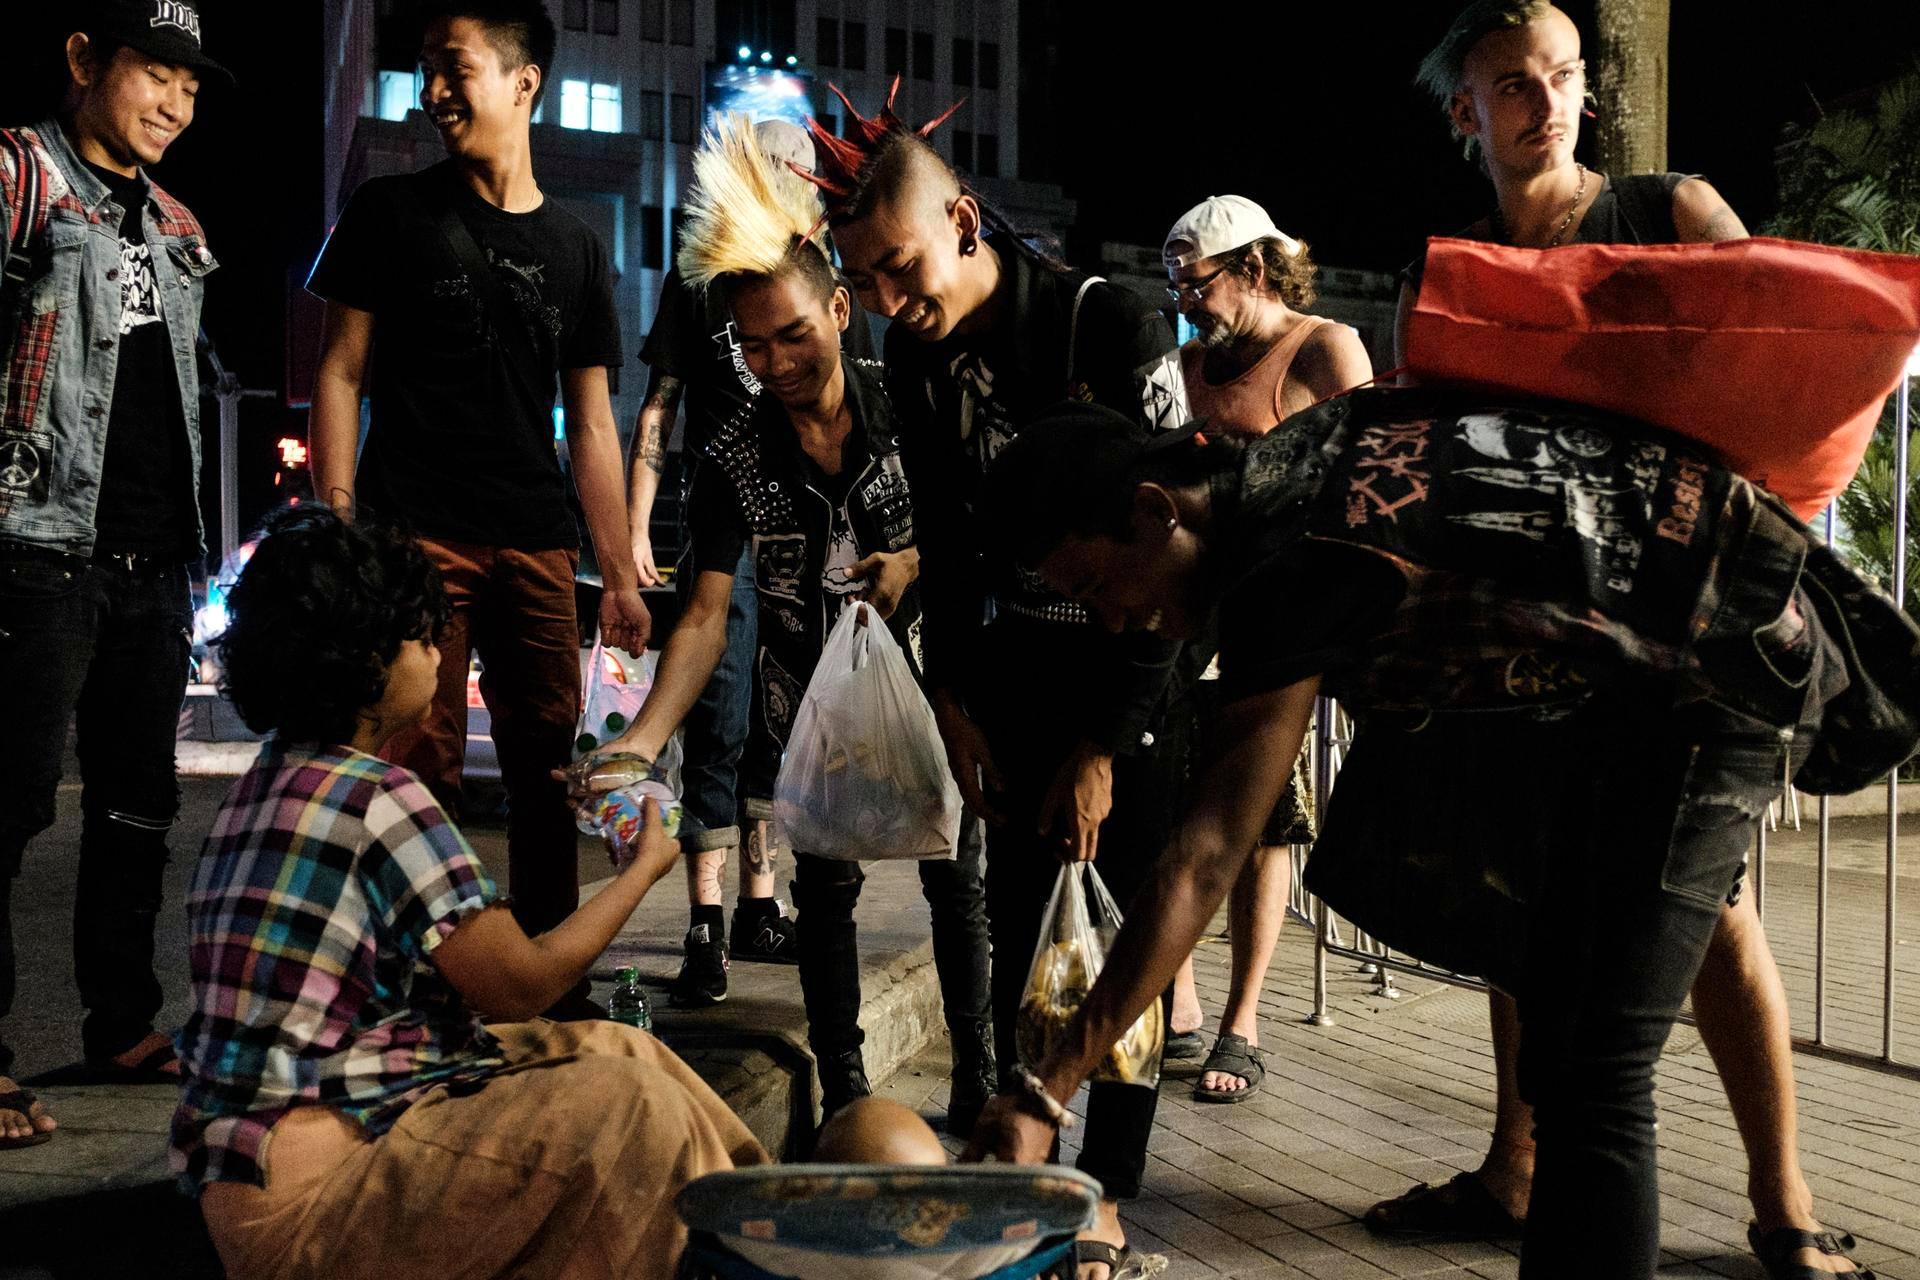 Food Not Bombs -liikkeeseen kuuluvat Ko Hein (vas.), Lin Thaw, Min Zaw Win, Kyaw Kyaw ja Kyaw Awgyi antavat ruokaa Myanmarin suurimman kaupungin Yangonin kadulla asuvalle naiselle.